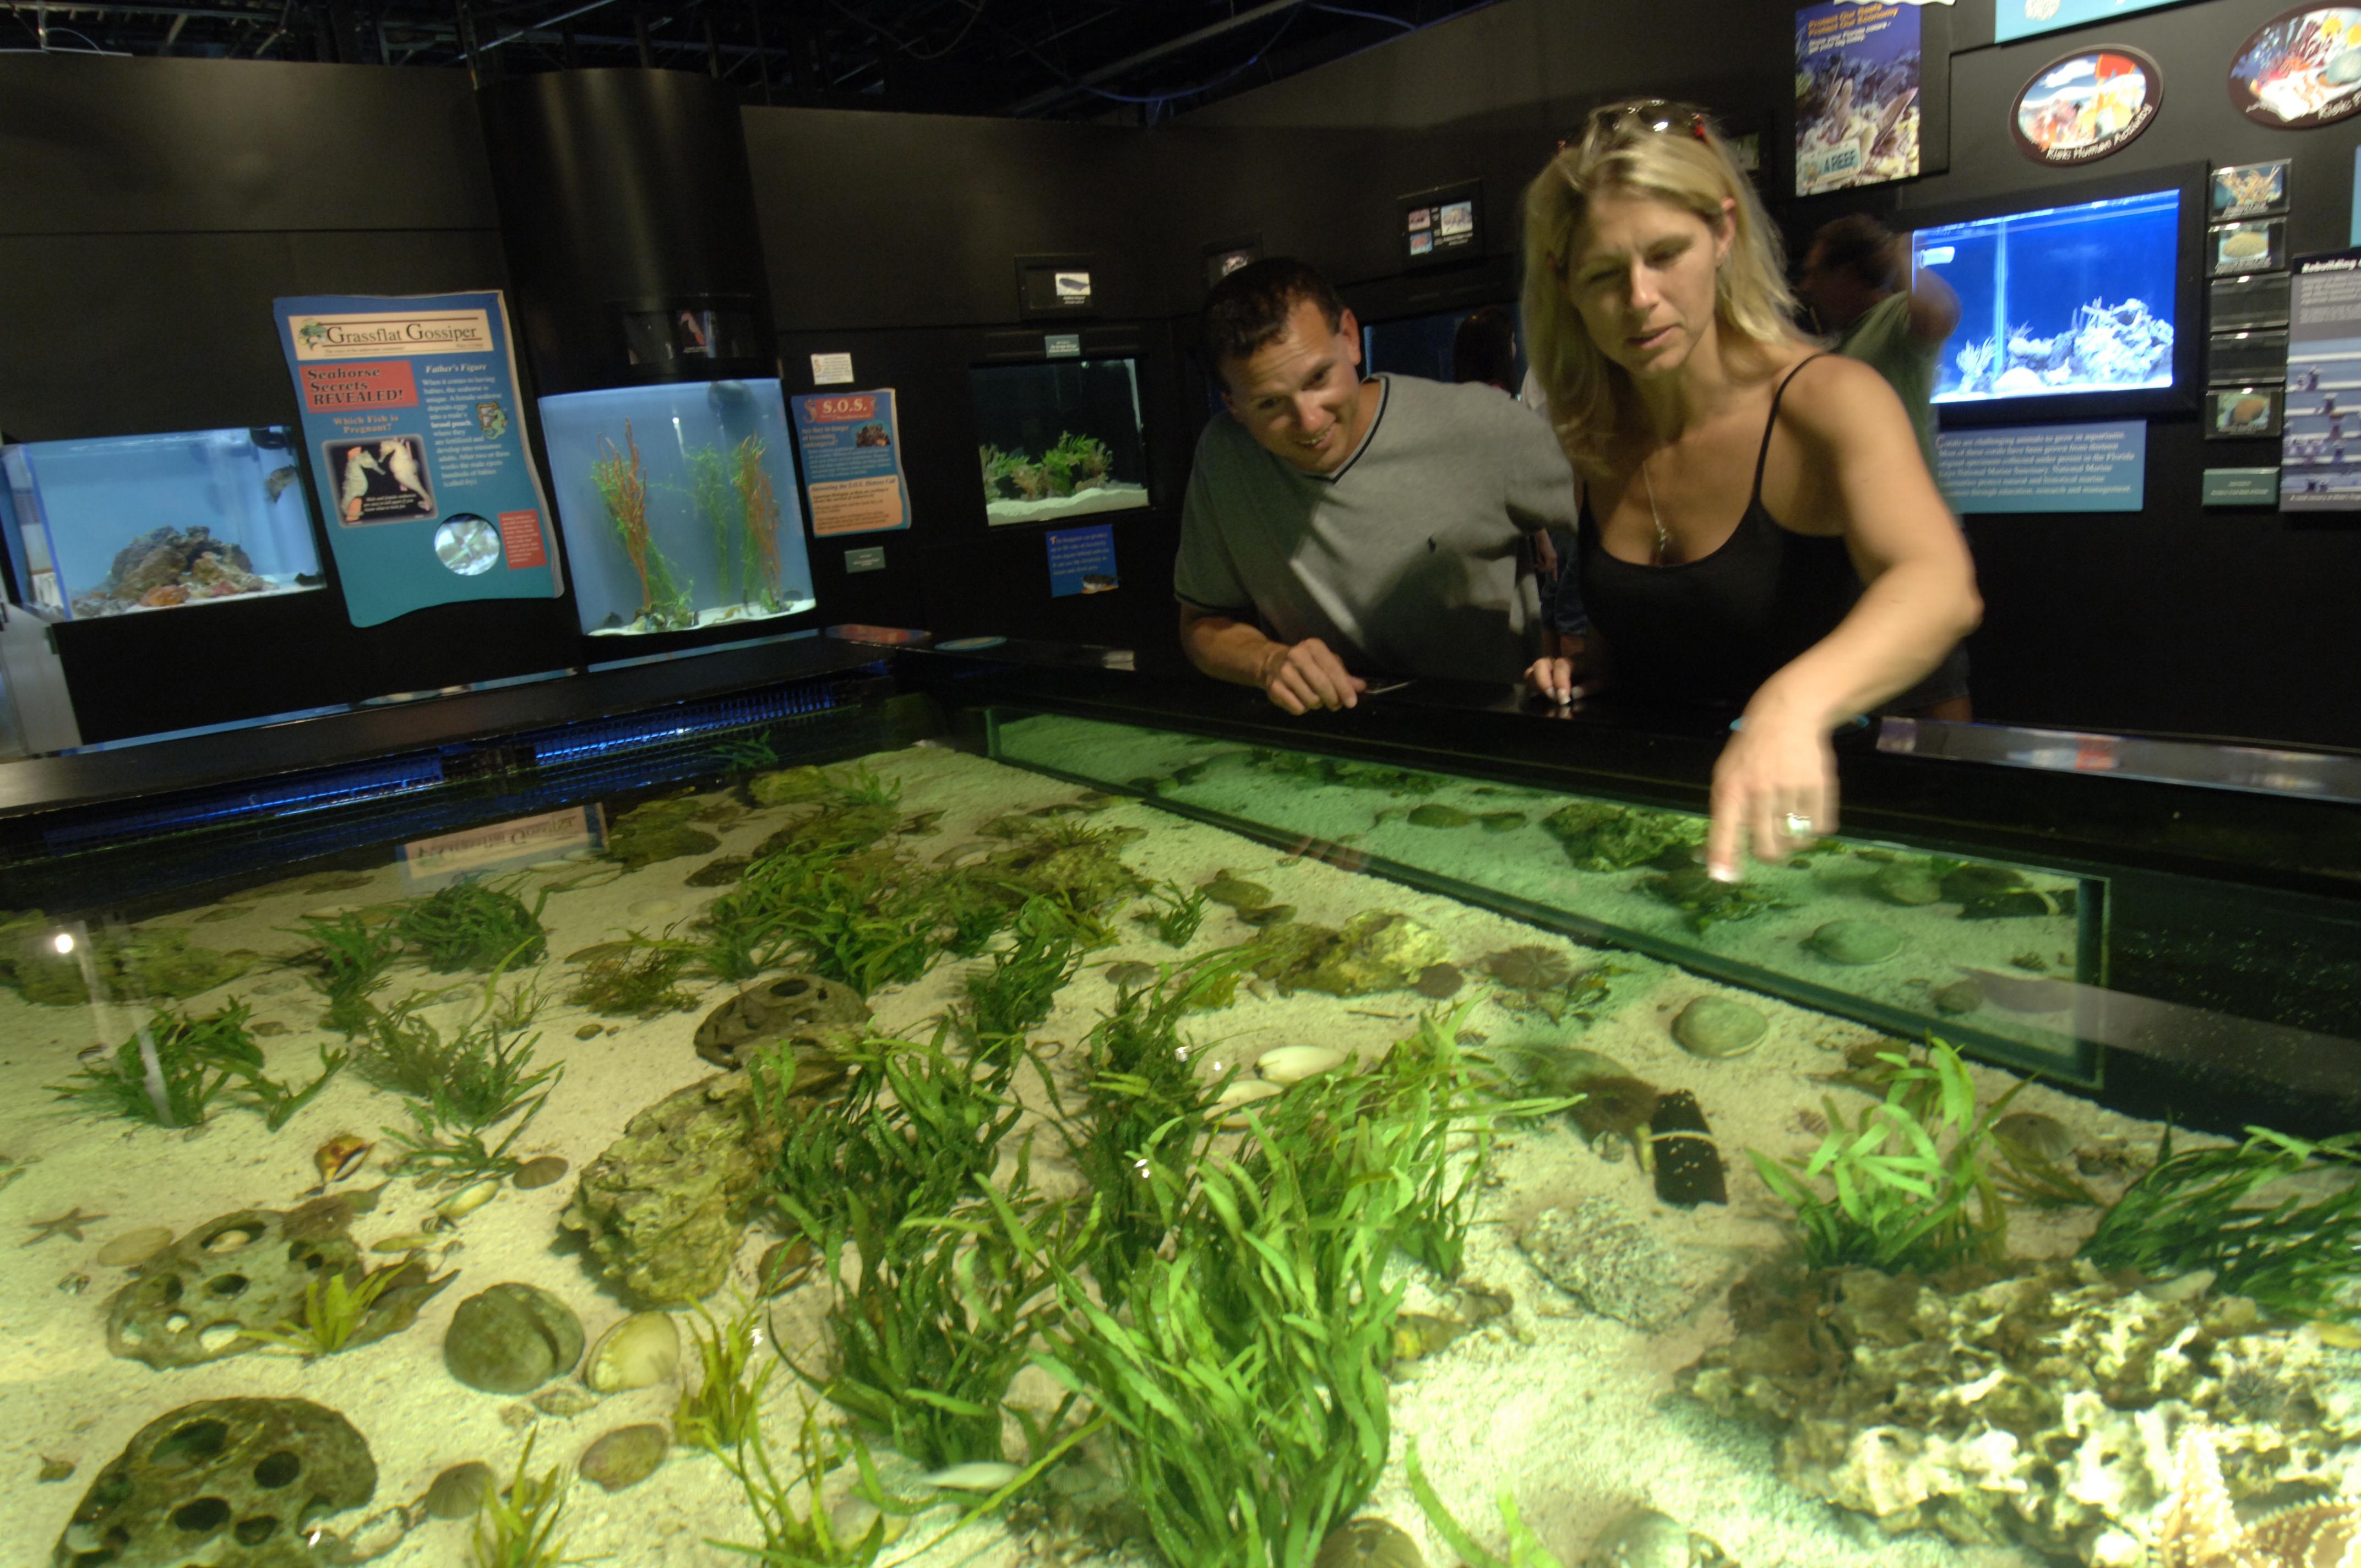 Mote Marine Aquarium in Sarasota, Florida